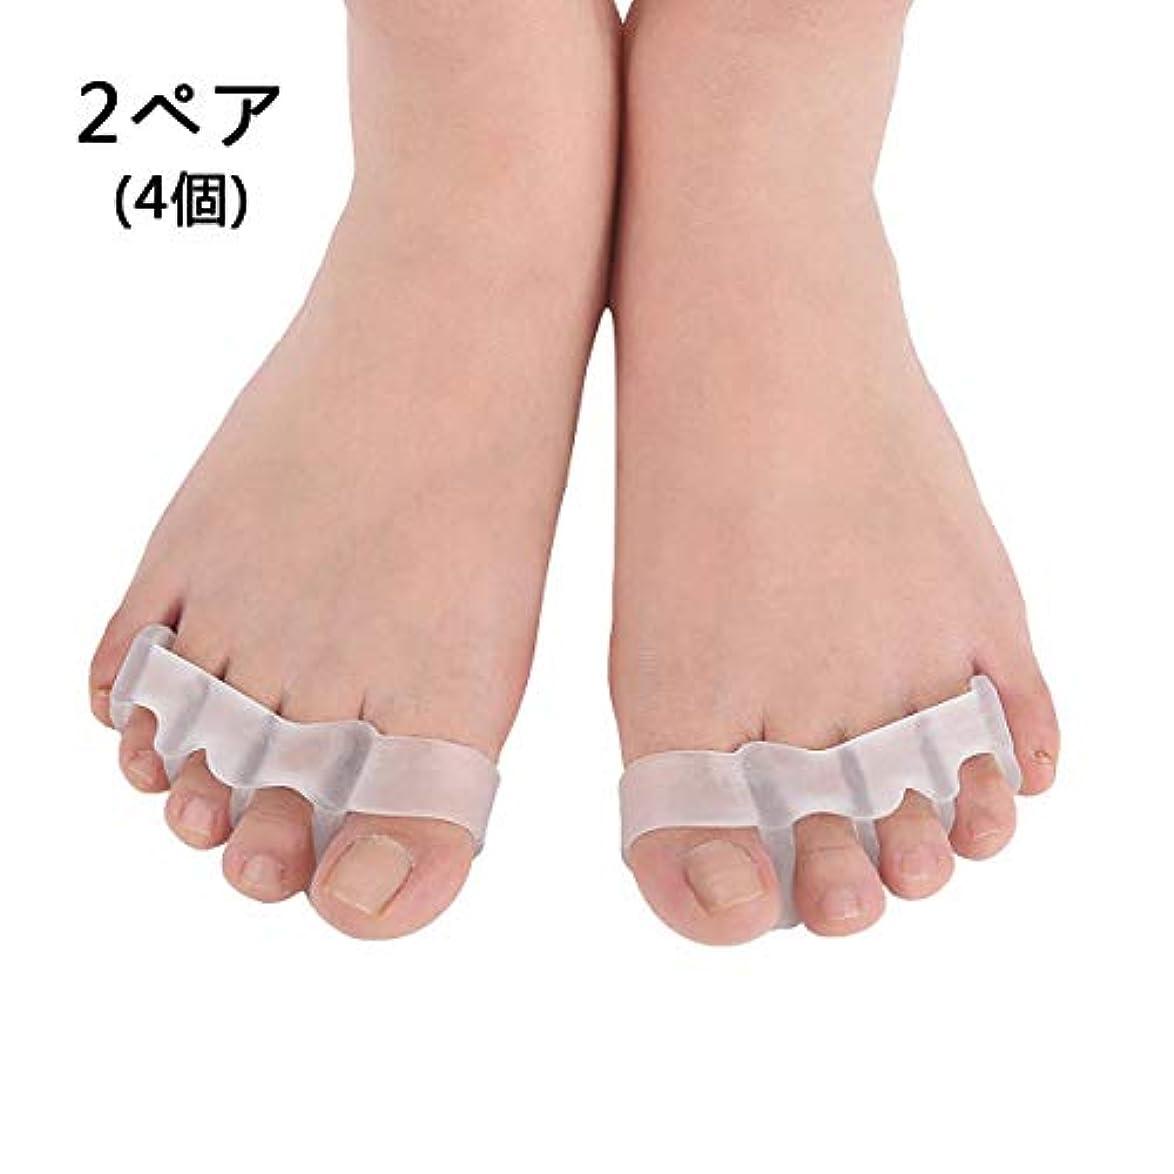 慣らすスーパー加速度足指セパレーター 4本指 足の痛みを軽減 外反母趾矯正グッズ 薄型 内反小趾矯正パッド 足裏保護パッド シリコン つま先矯正 足指分離パッド 足指矯正具 足指セパレーター 姿勢補正 浮き指 足指健康グッズ 男女兼用 (4...